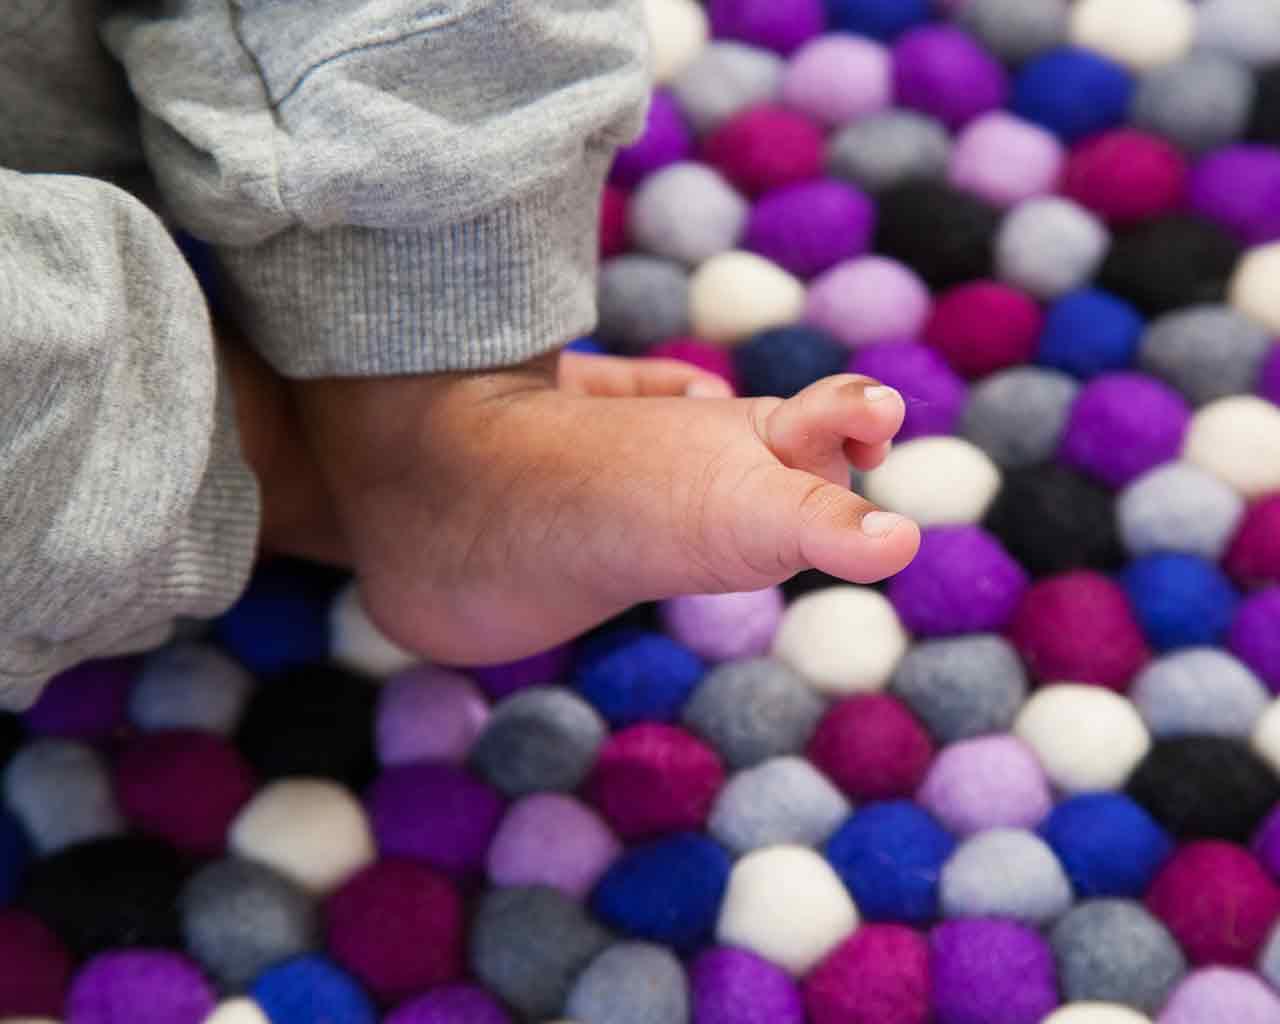 voeten-baby-witte-vilten-ballen